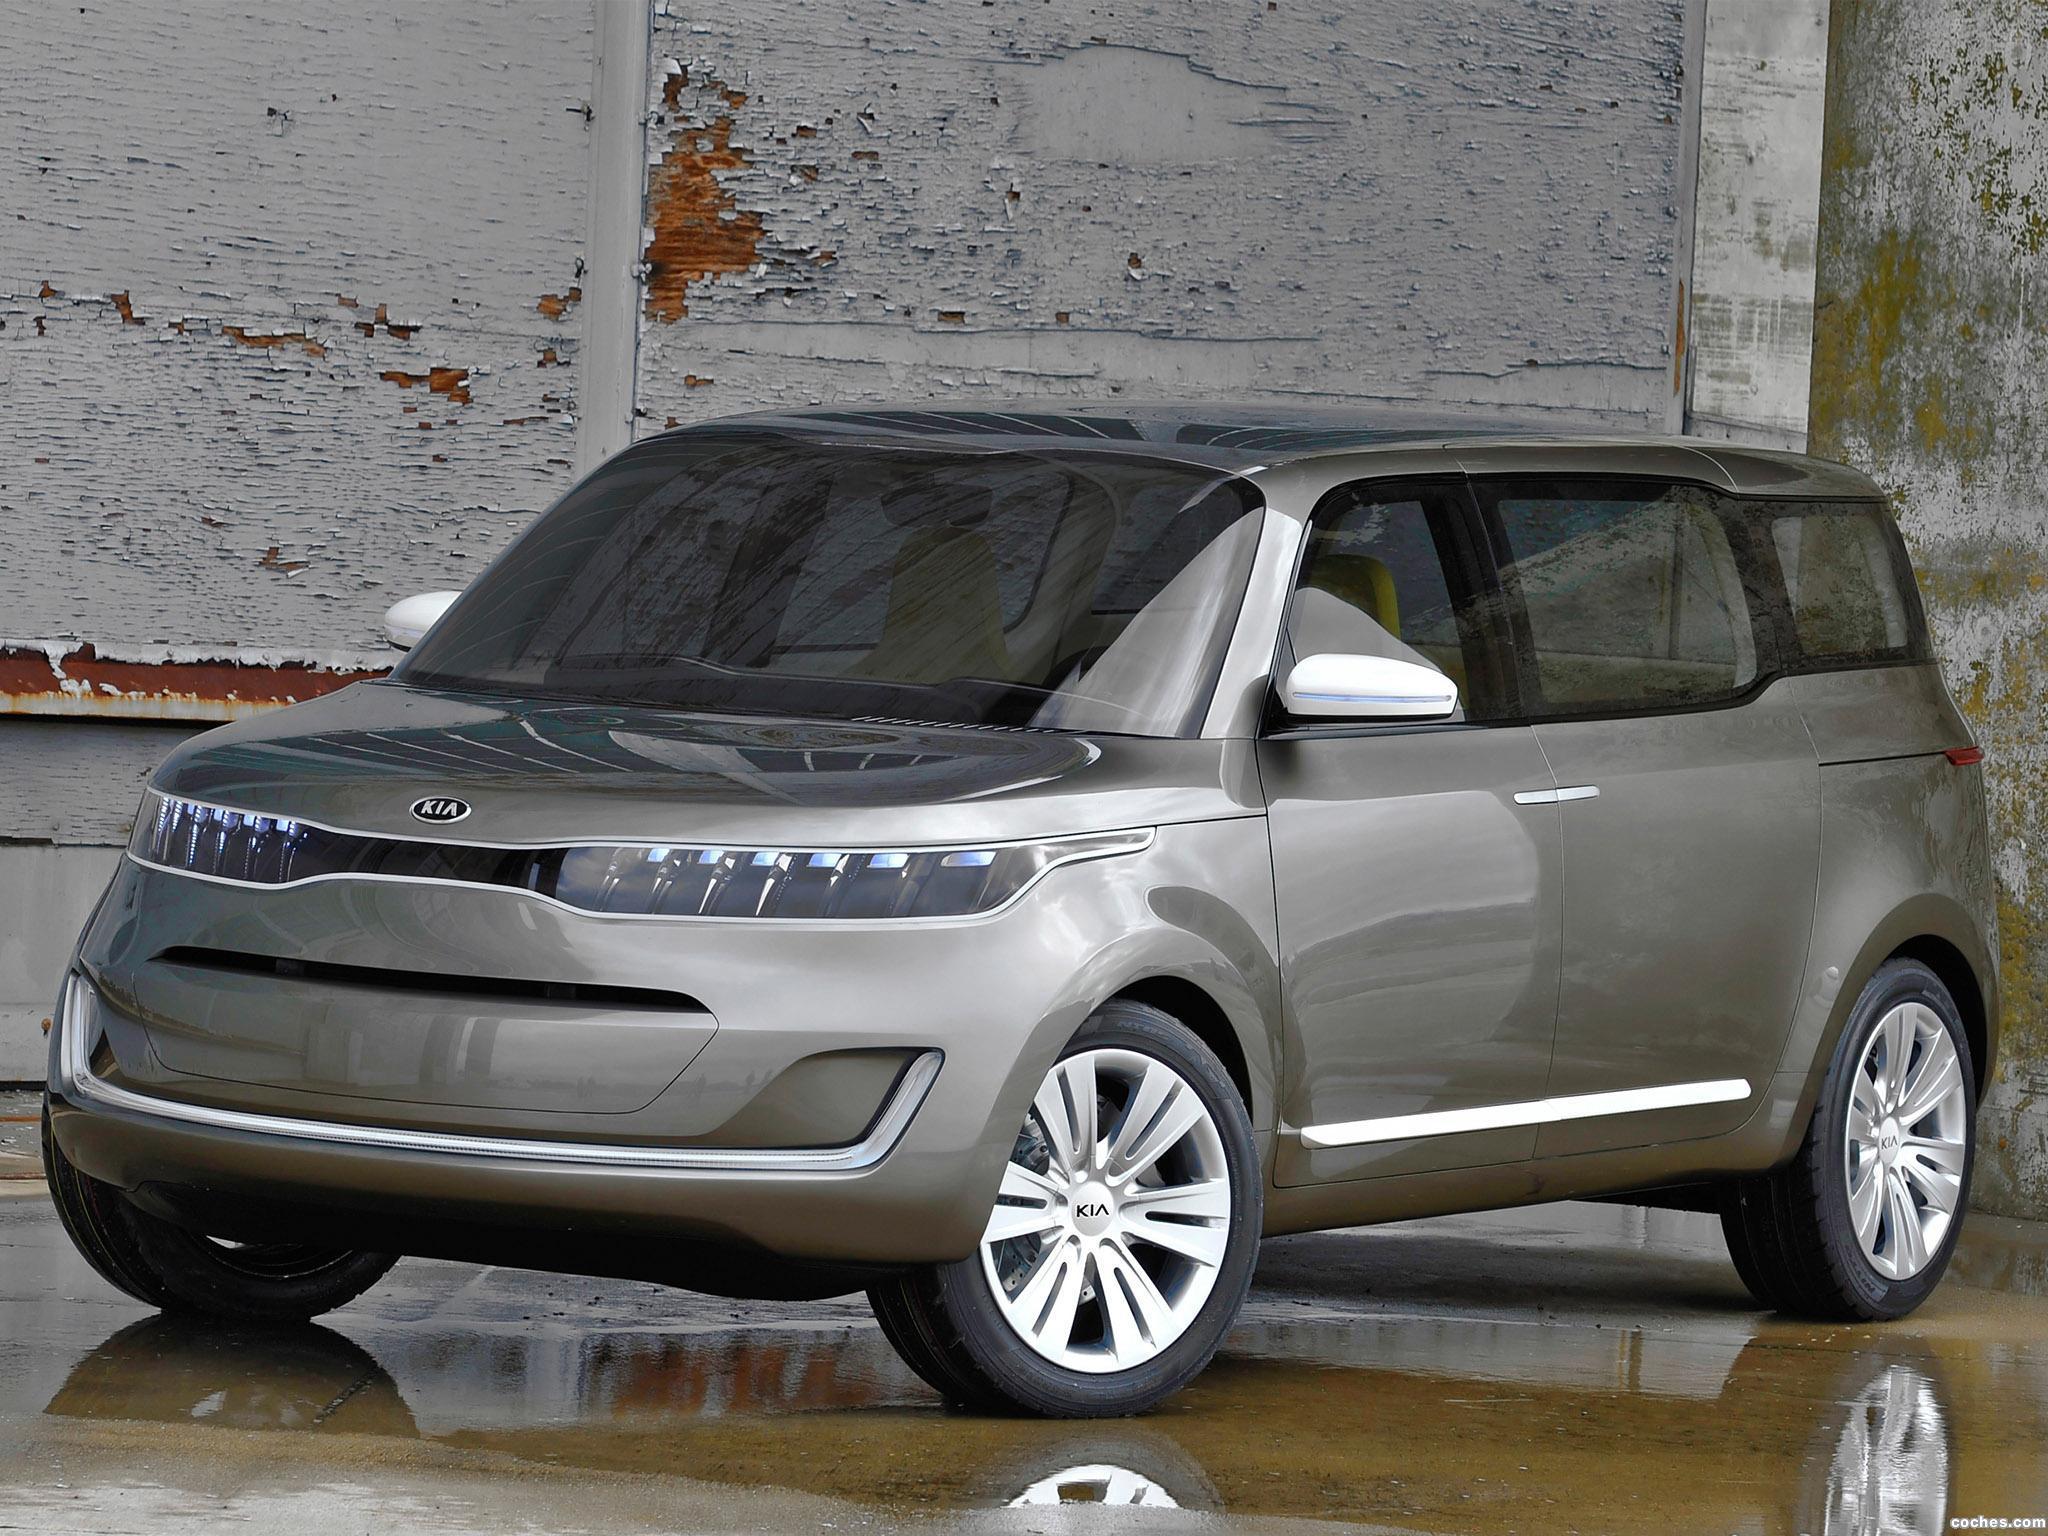 Foto 0 de Kia KV7 Concept 2011